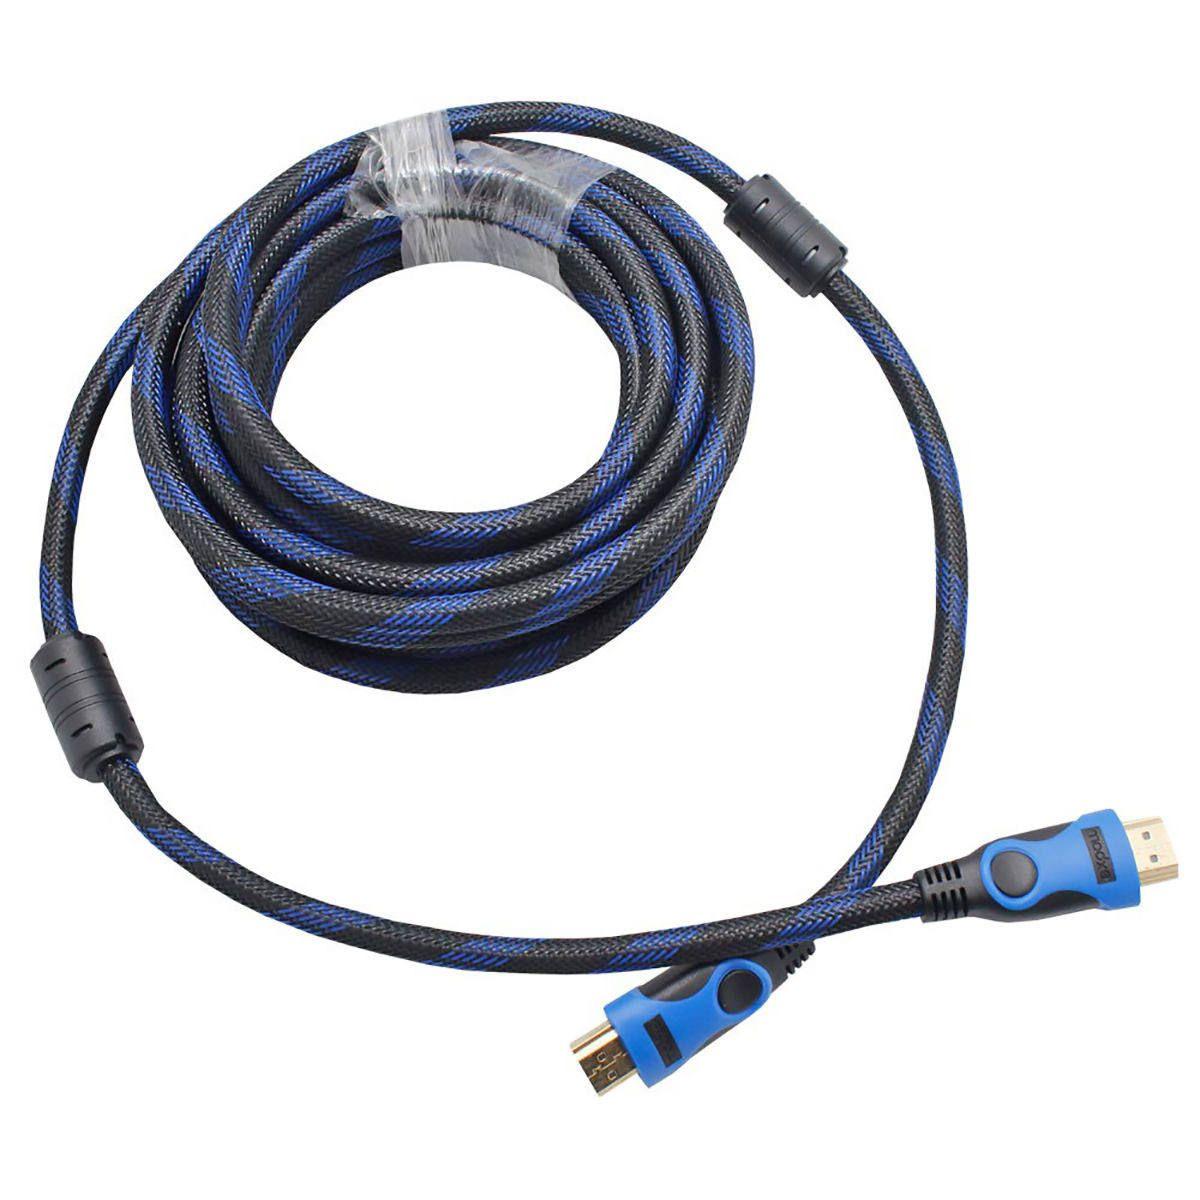 Cabo HDMI de 5 metros Blindado com Filtro e Malha Versão 1.4 Suporte 3D Full HD 1080 Exbom CBX-H50CM